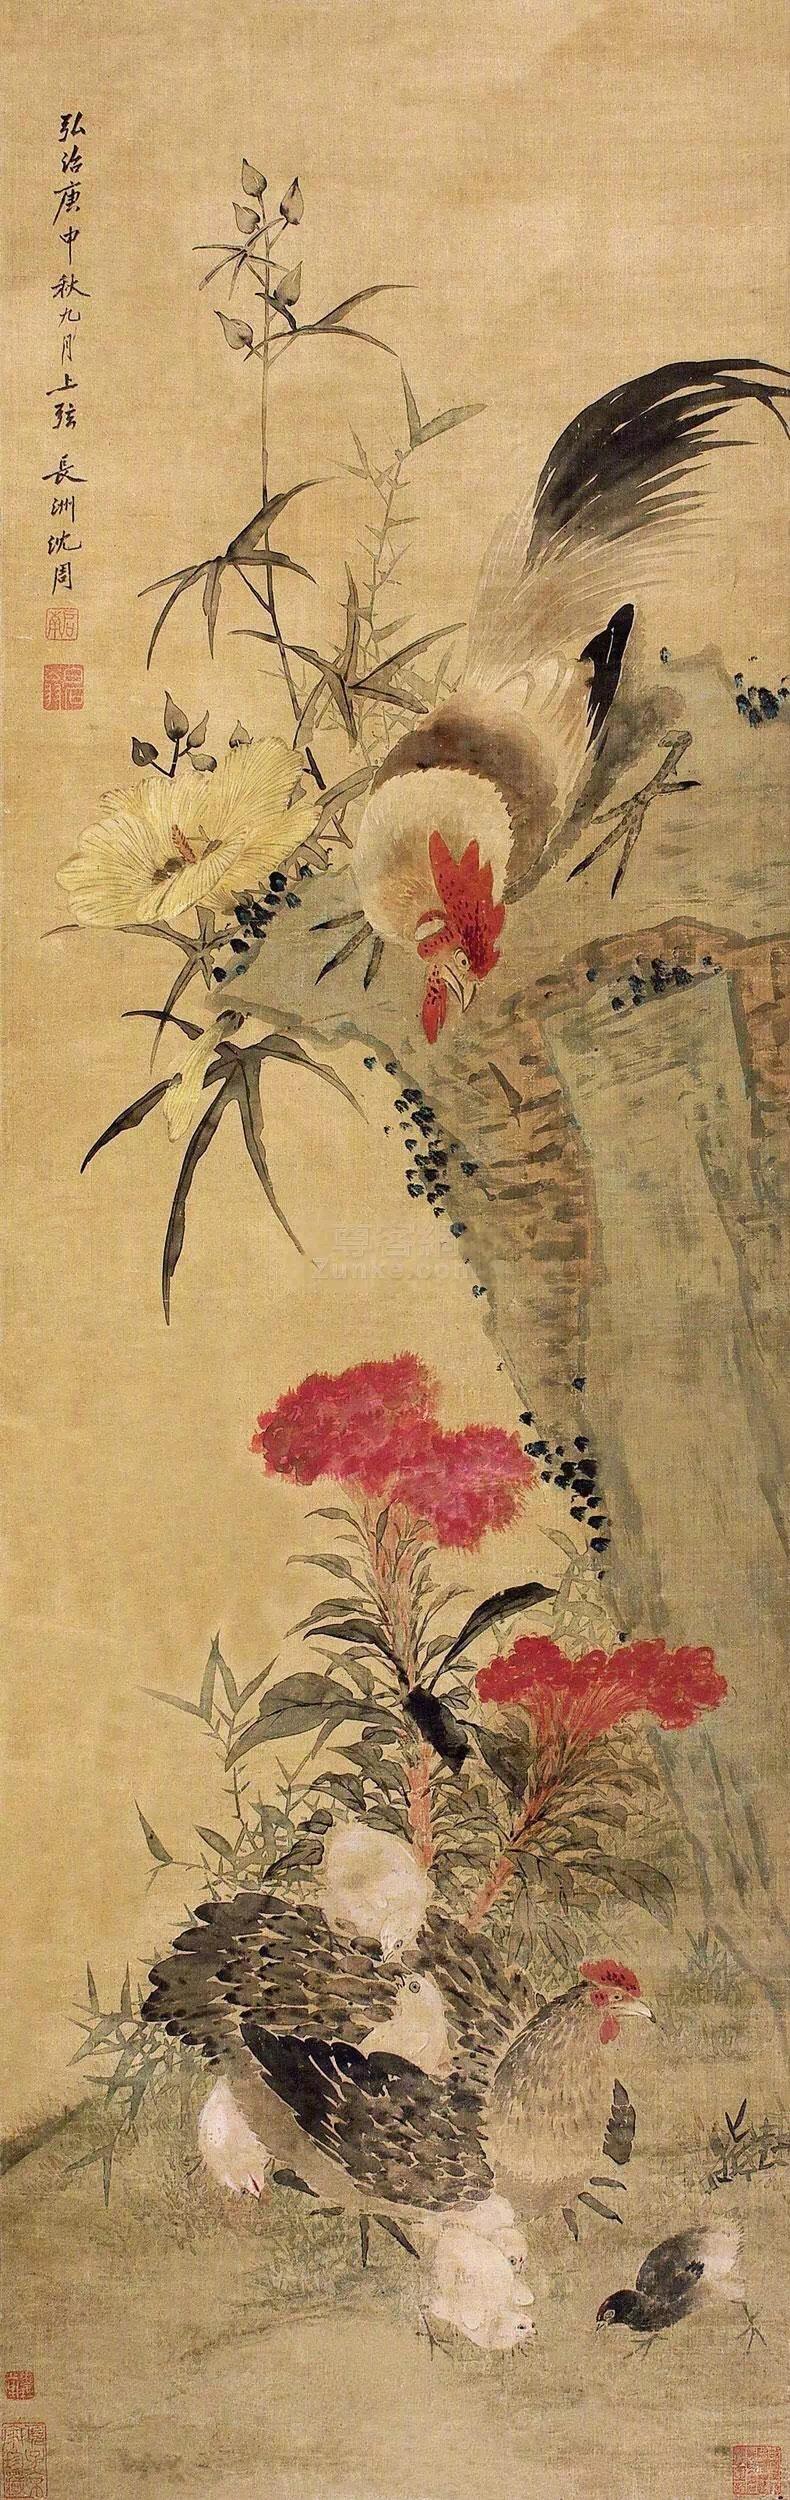 沈周高清作品。沈周(1427-1509),吴门四家之首,明代杰出书画家